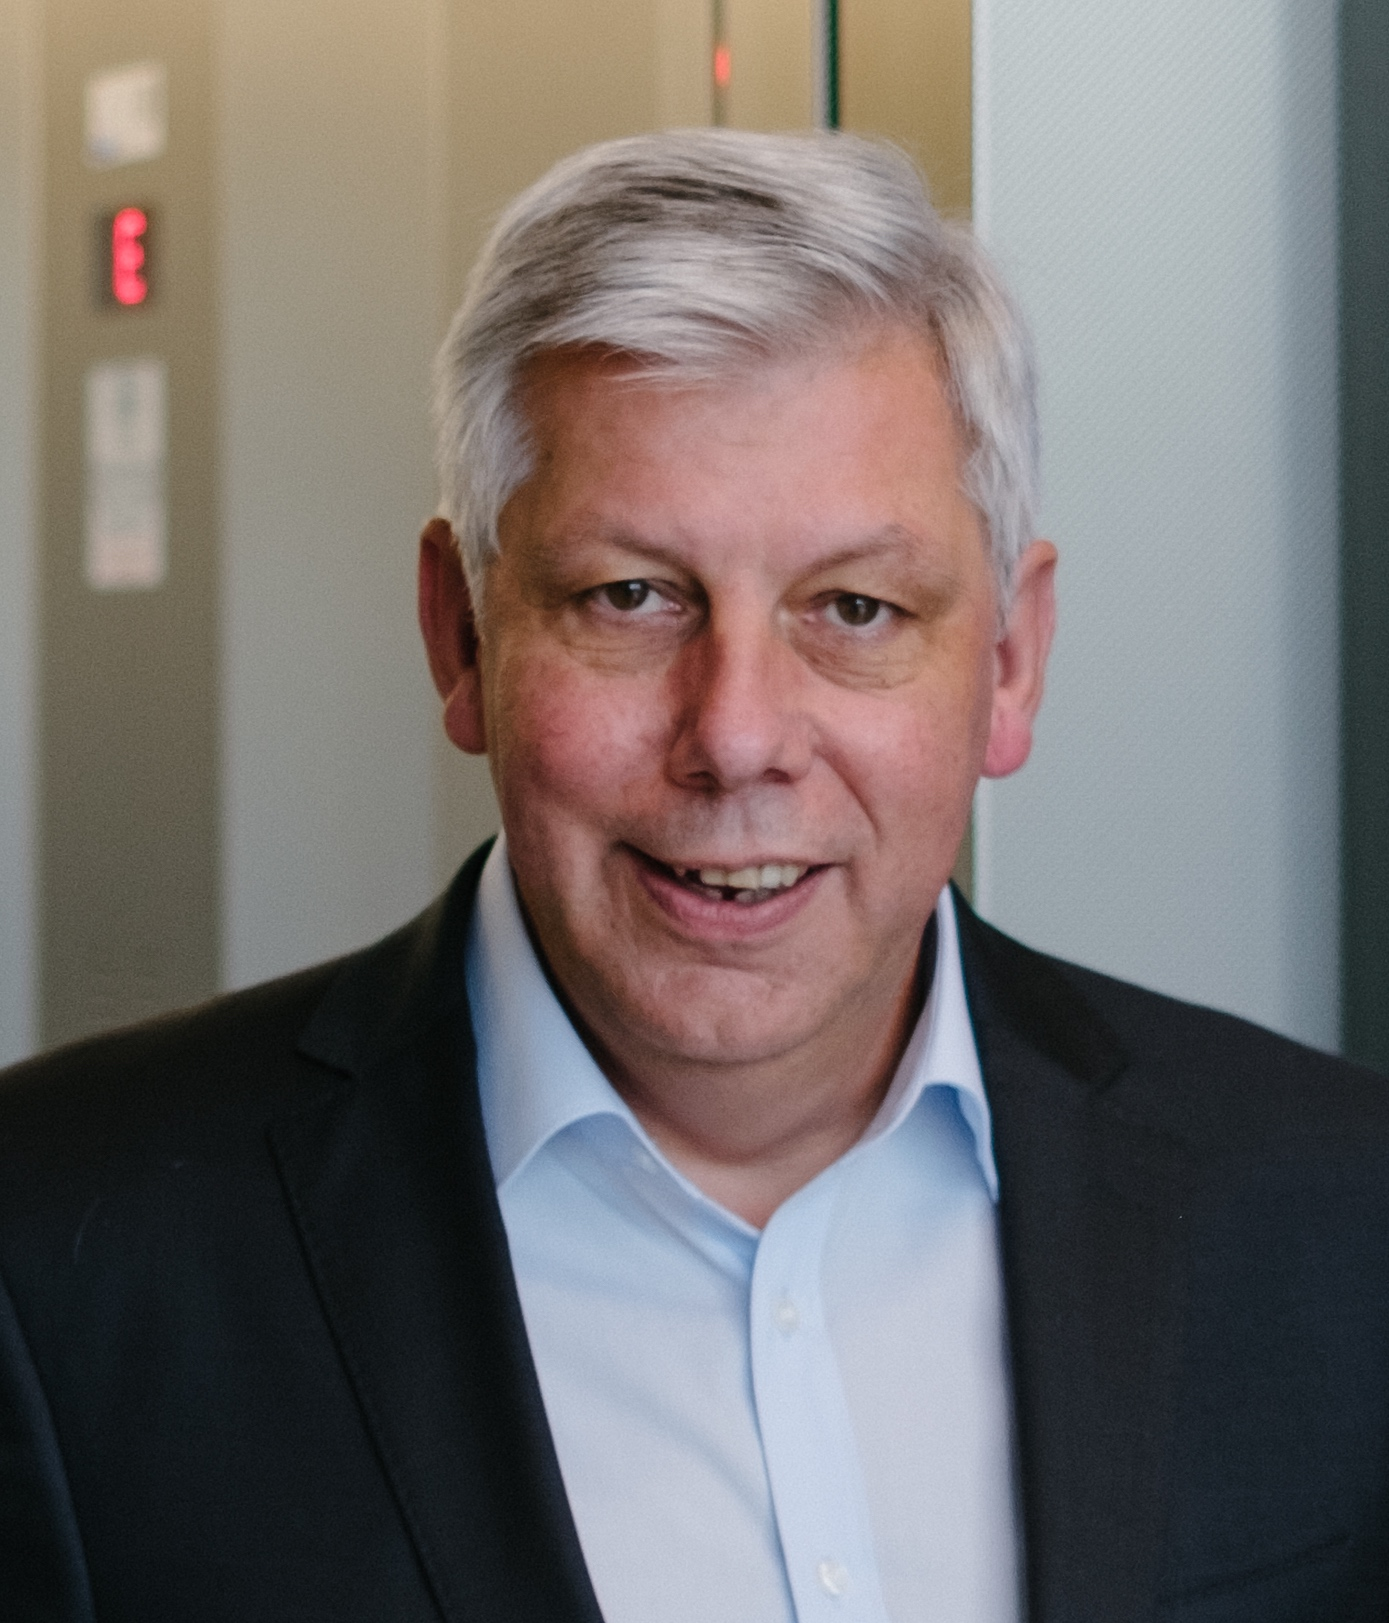 Inhaber Michael C. Kaiser